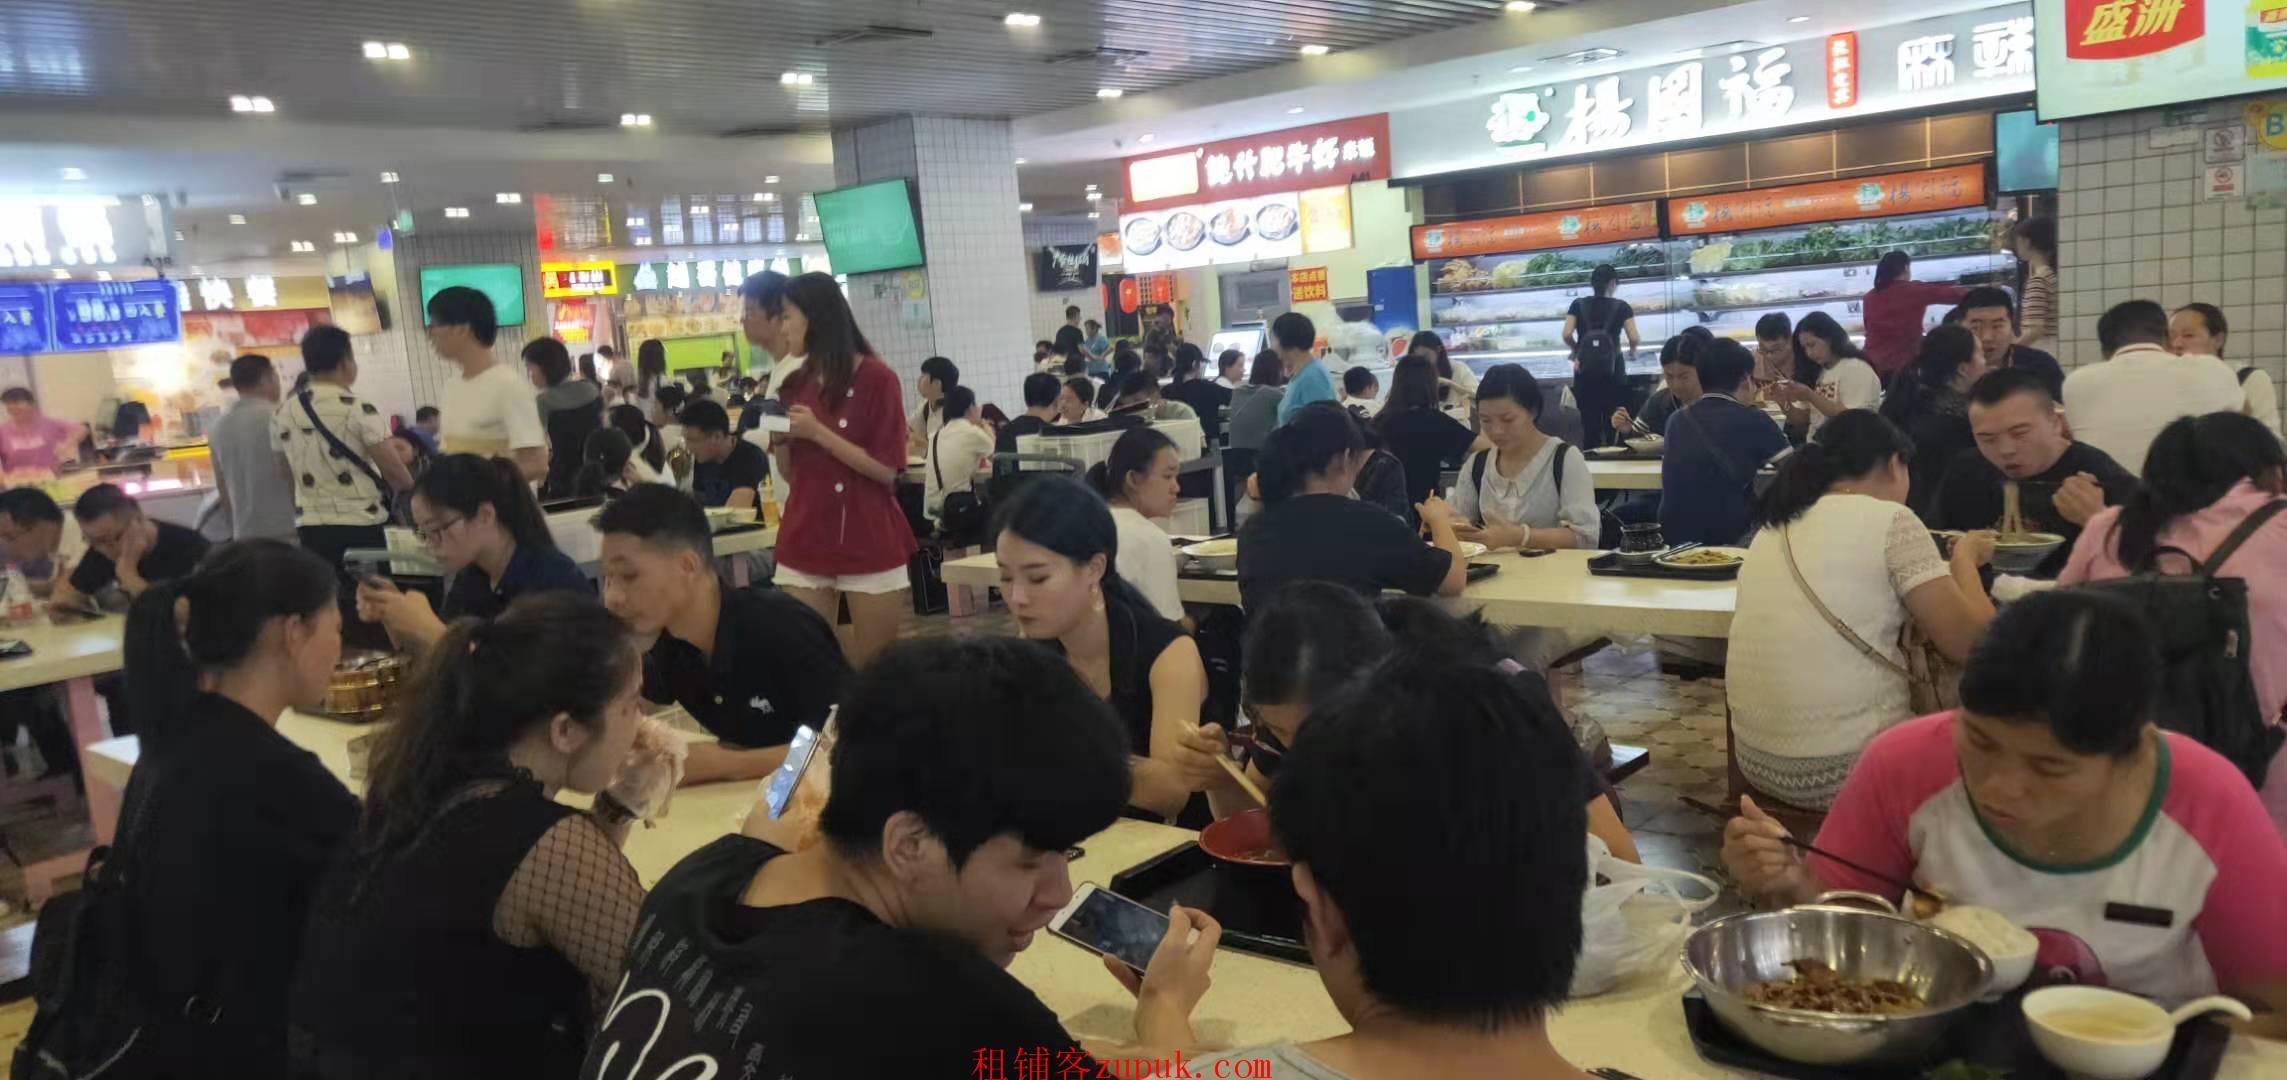 广东省技师学院(广州校区),档口,可各种餐饮业态不限,租金低